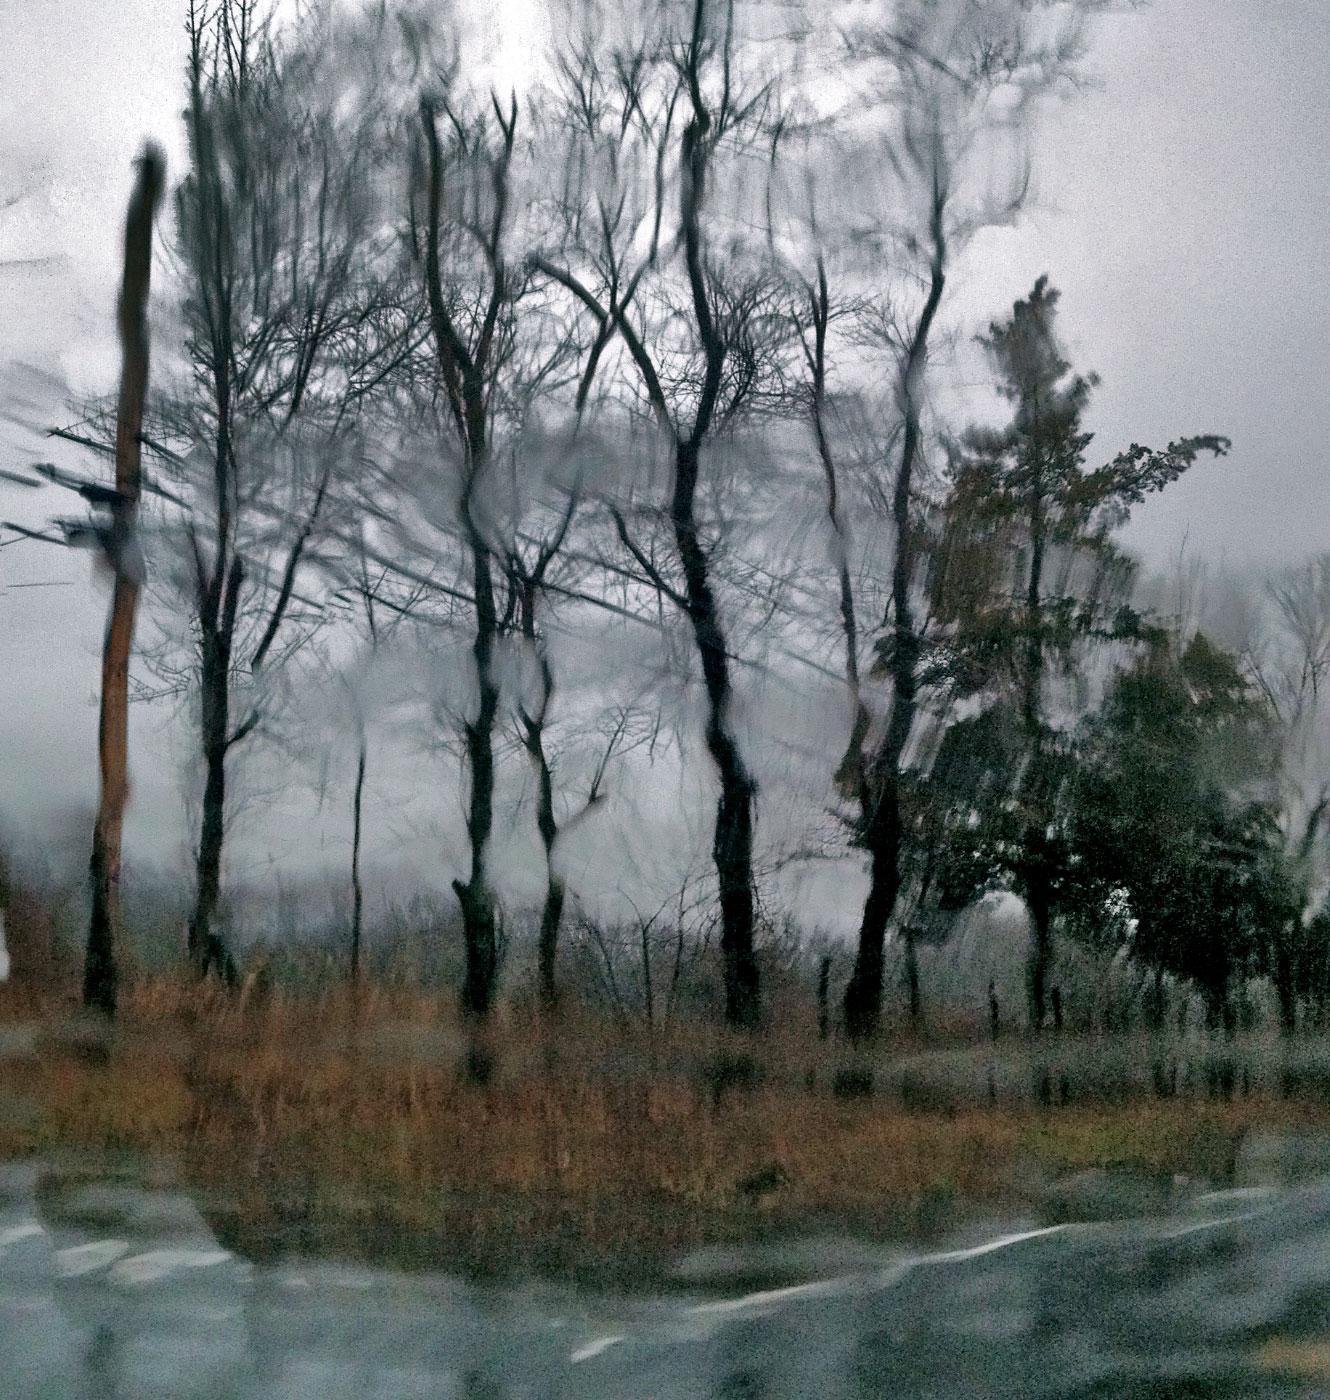 rainy-trees_5749